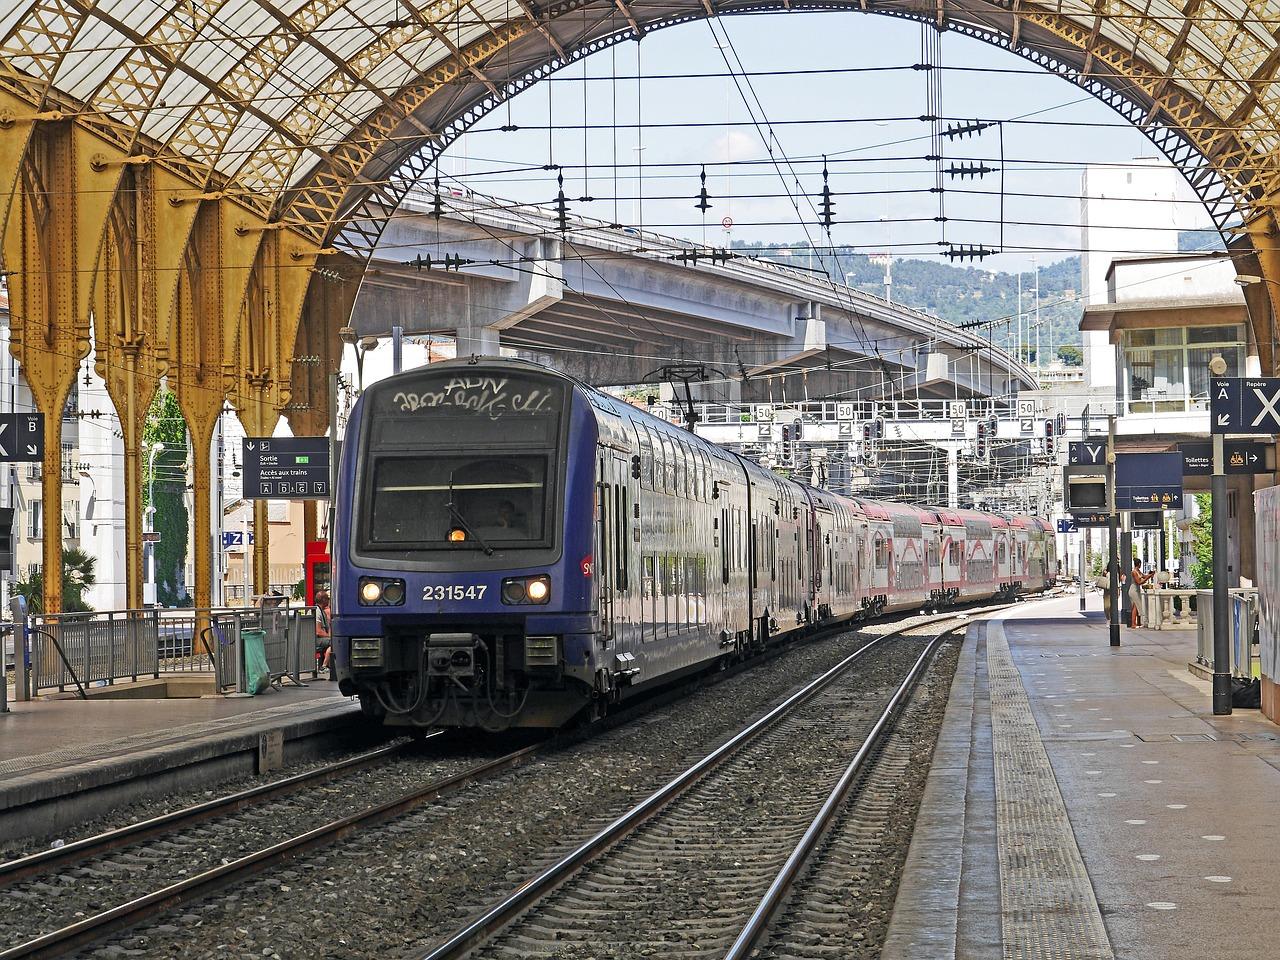 Le futur patron de la SNCF, Jean-Pierre Farandou, veut améliorer la polyvalence des cheminots